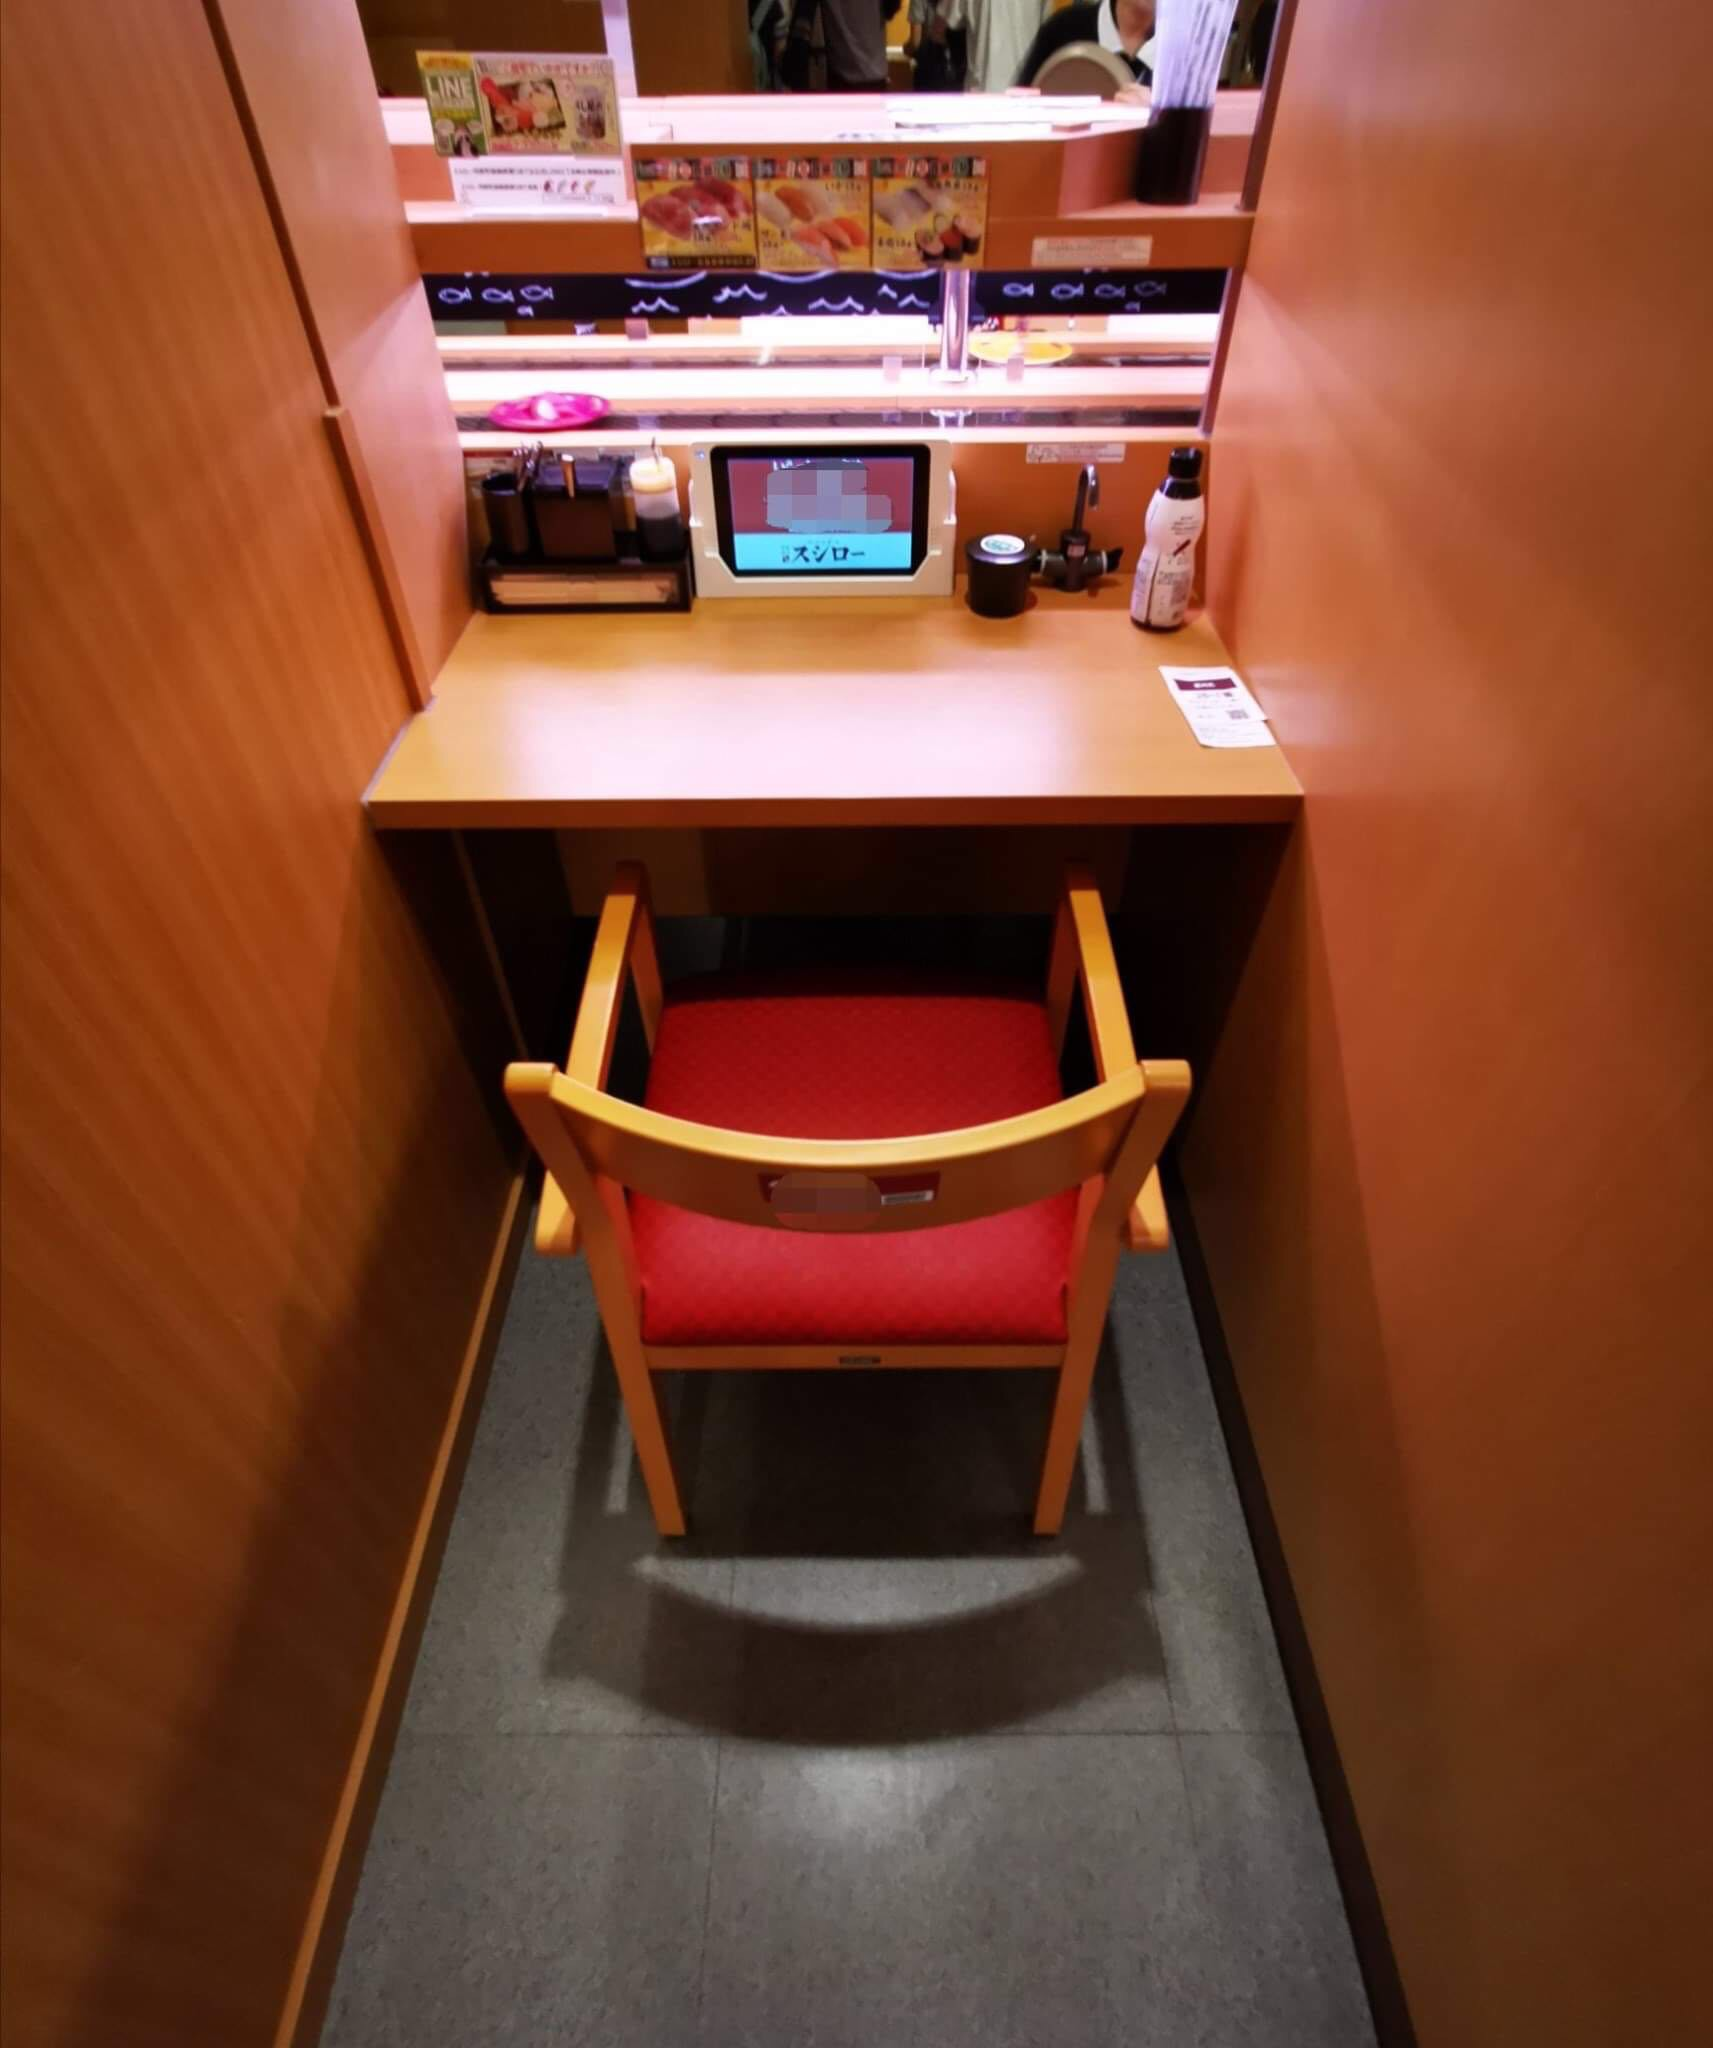 スシロー、陰向けのぼっち席を実装